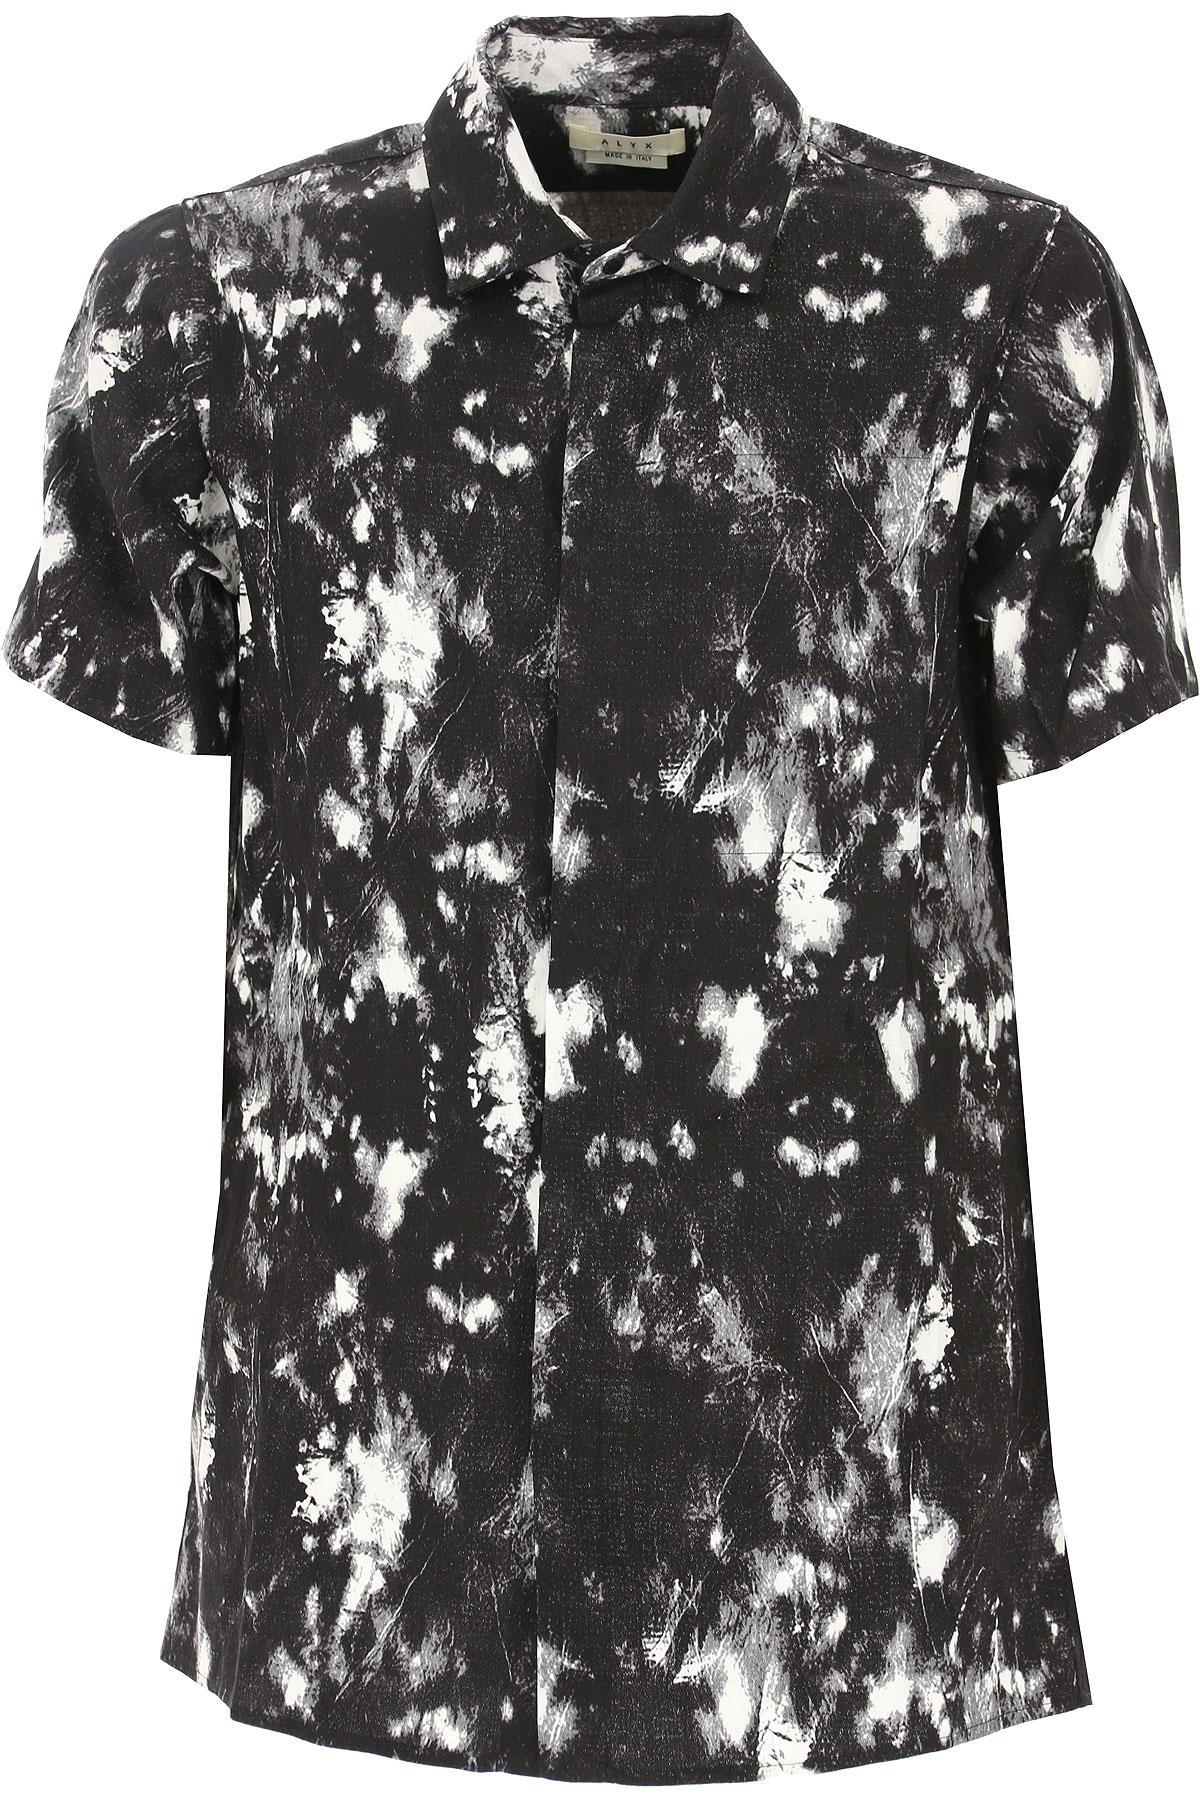 ALYX Shirt for Men On Sale in Outlet, Black, Viscose, 2019, M